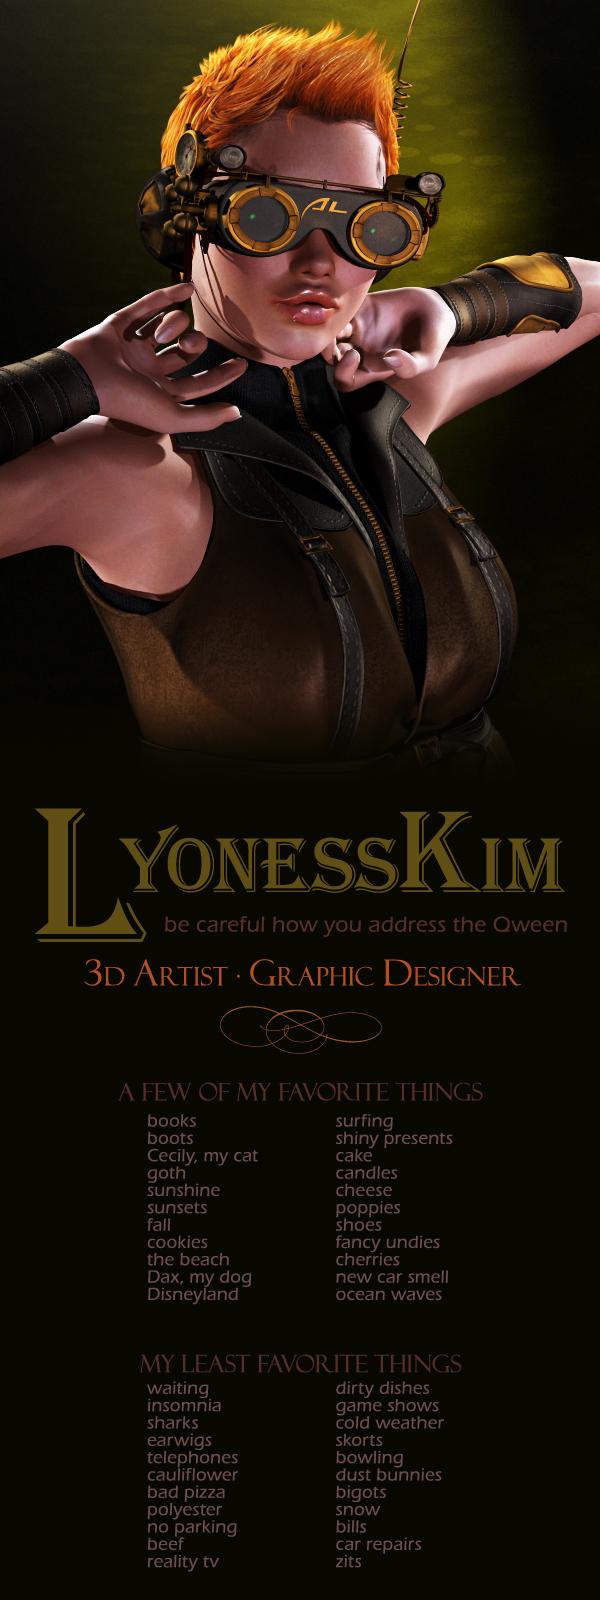 lyonesskim's Profile Picture